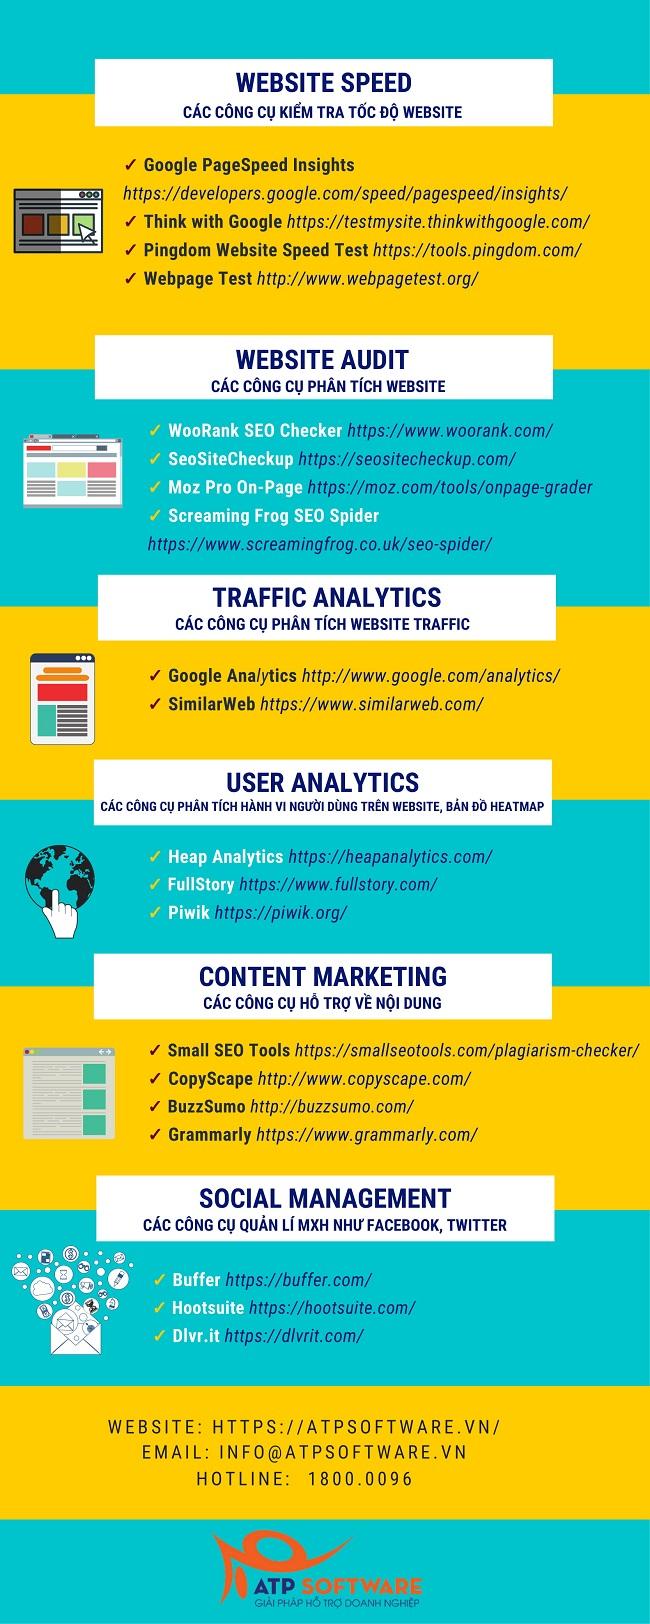 Trọn bộ công cụ hỗ trợ Marketing dành cho dân Digital, SEO, MMO